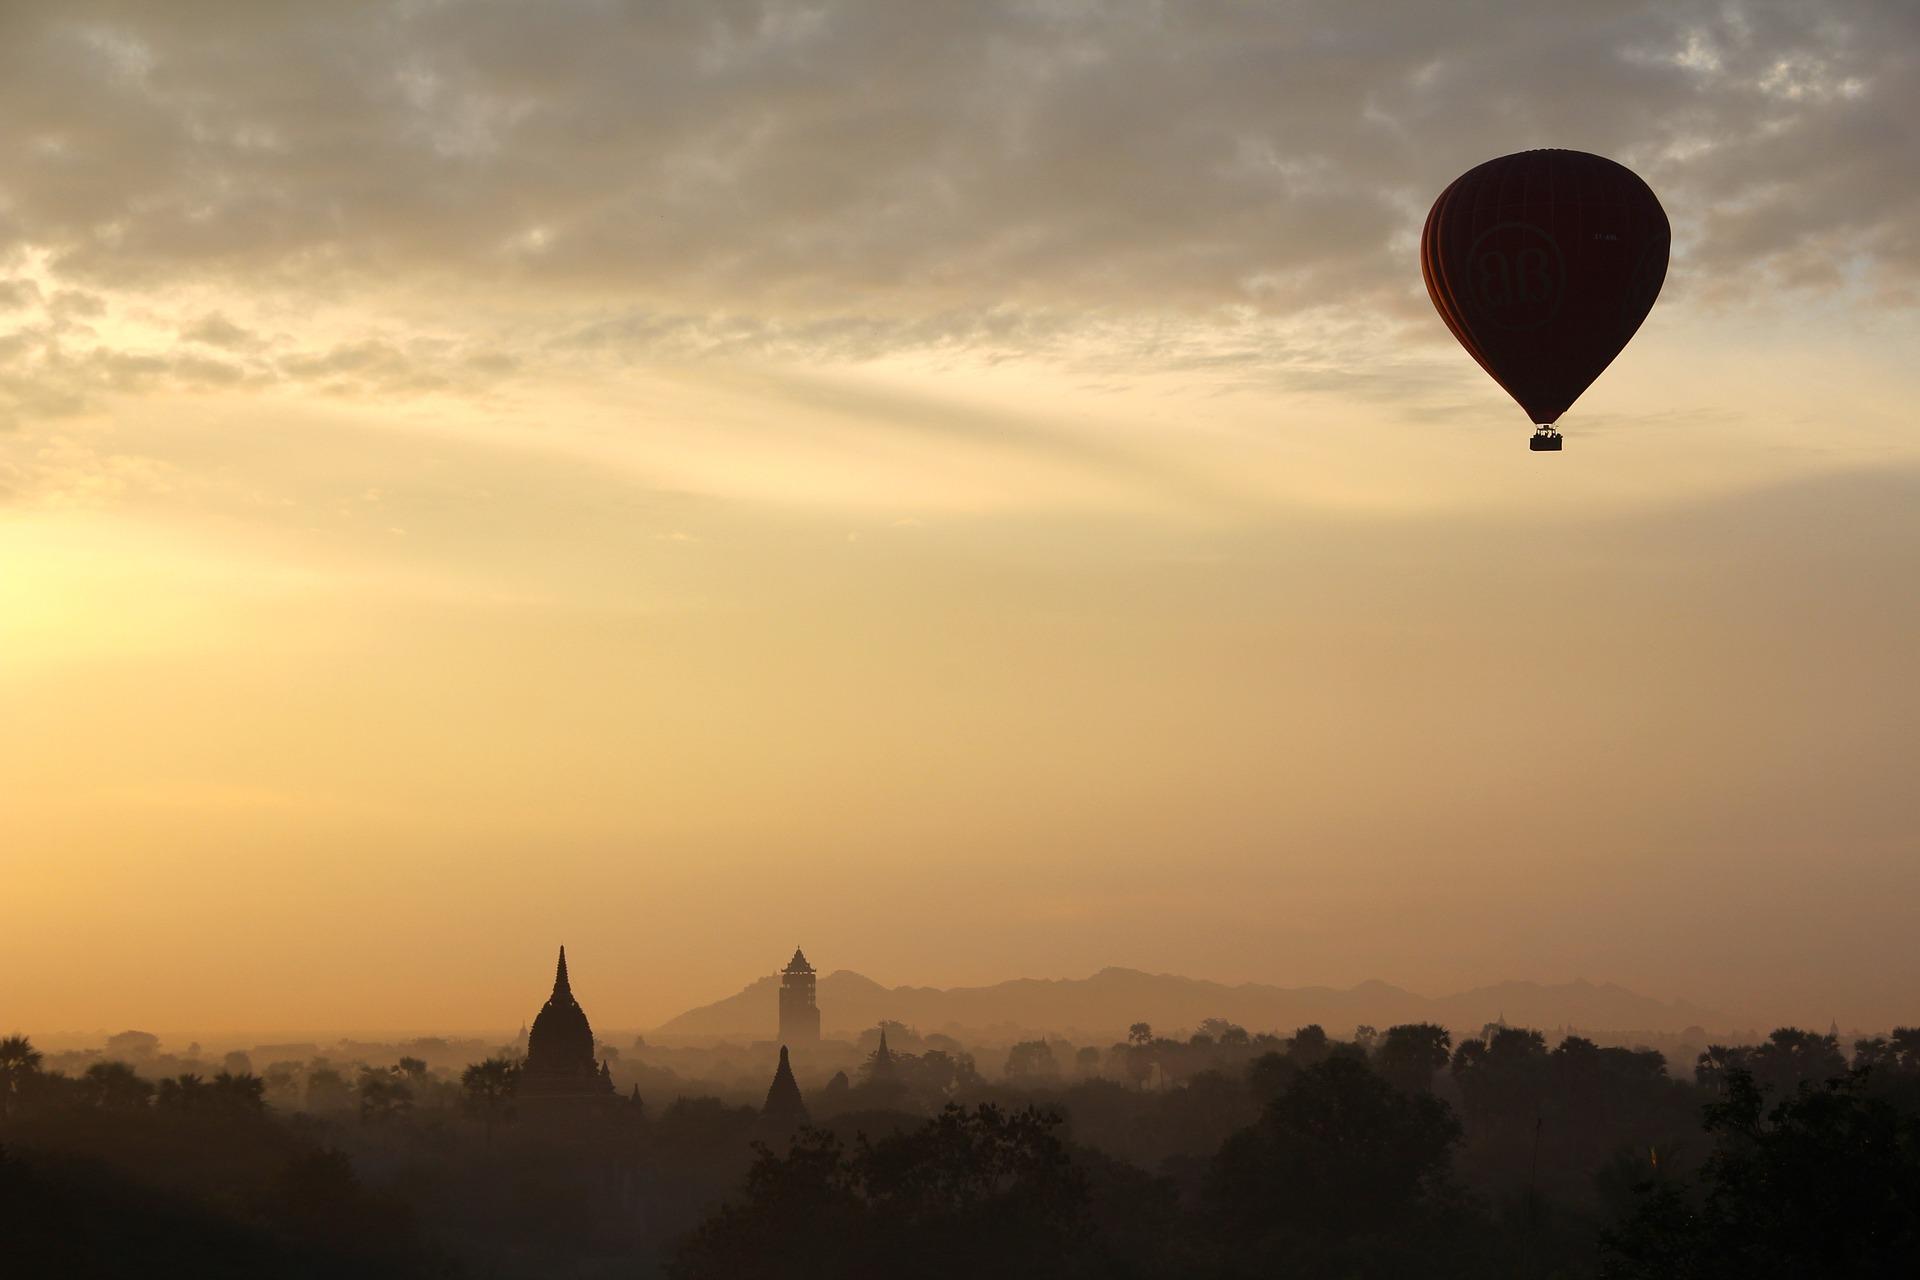 hot-air-balloon-ride-1029303_1920